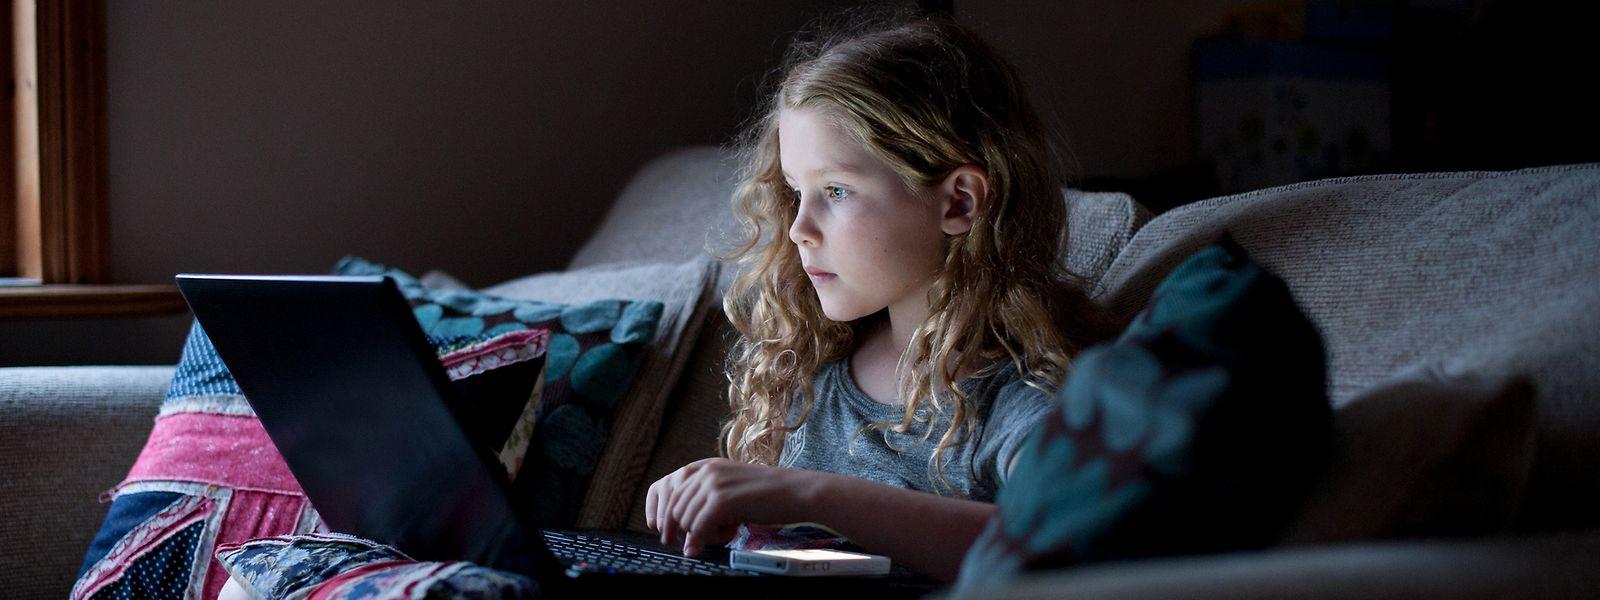 Kontrolle der Medien ist durch das Internet unmöglich geworden, jetzt heißt es, zum richtigen Umgang erziehen.